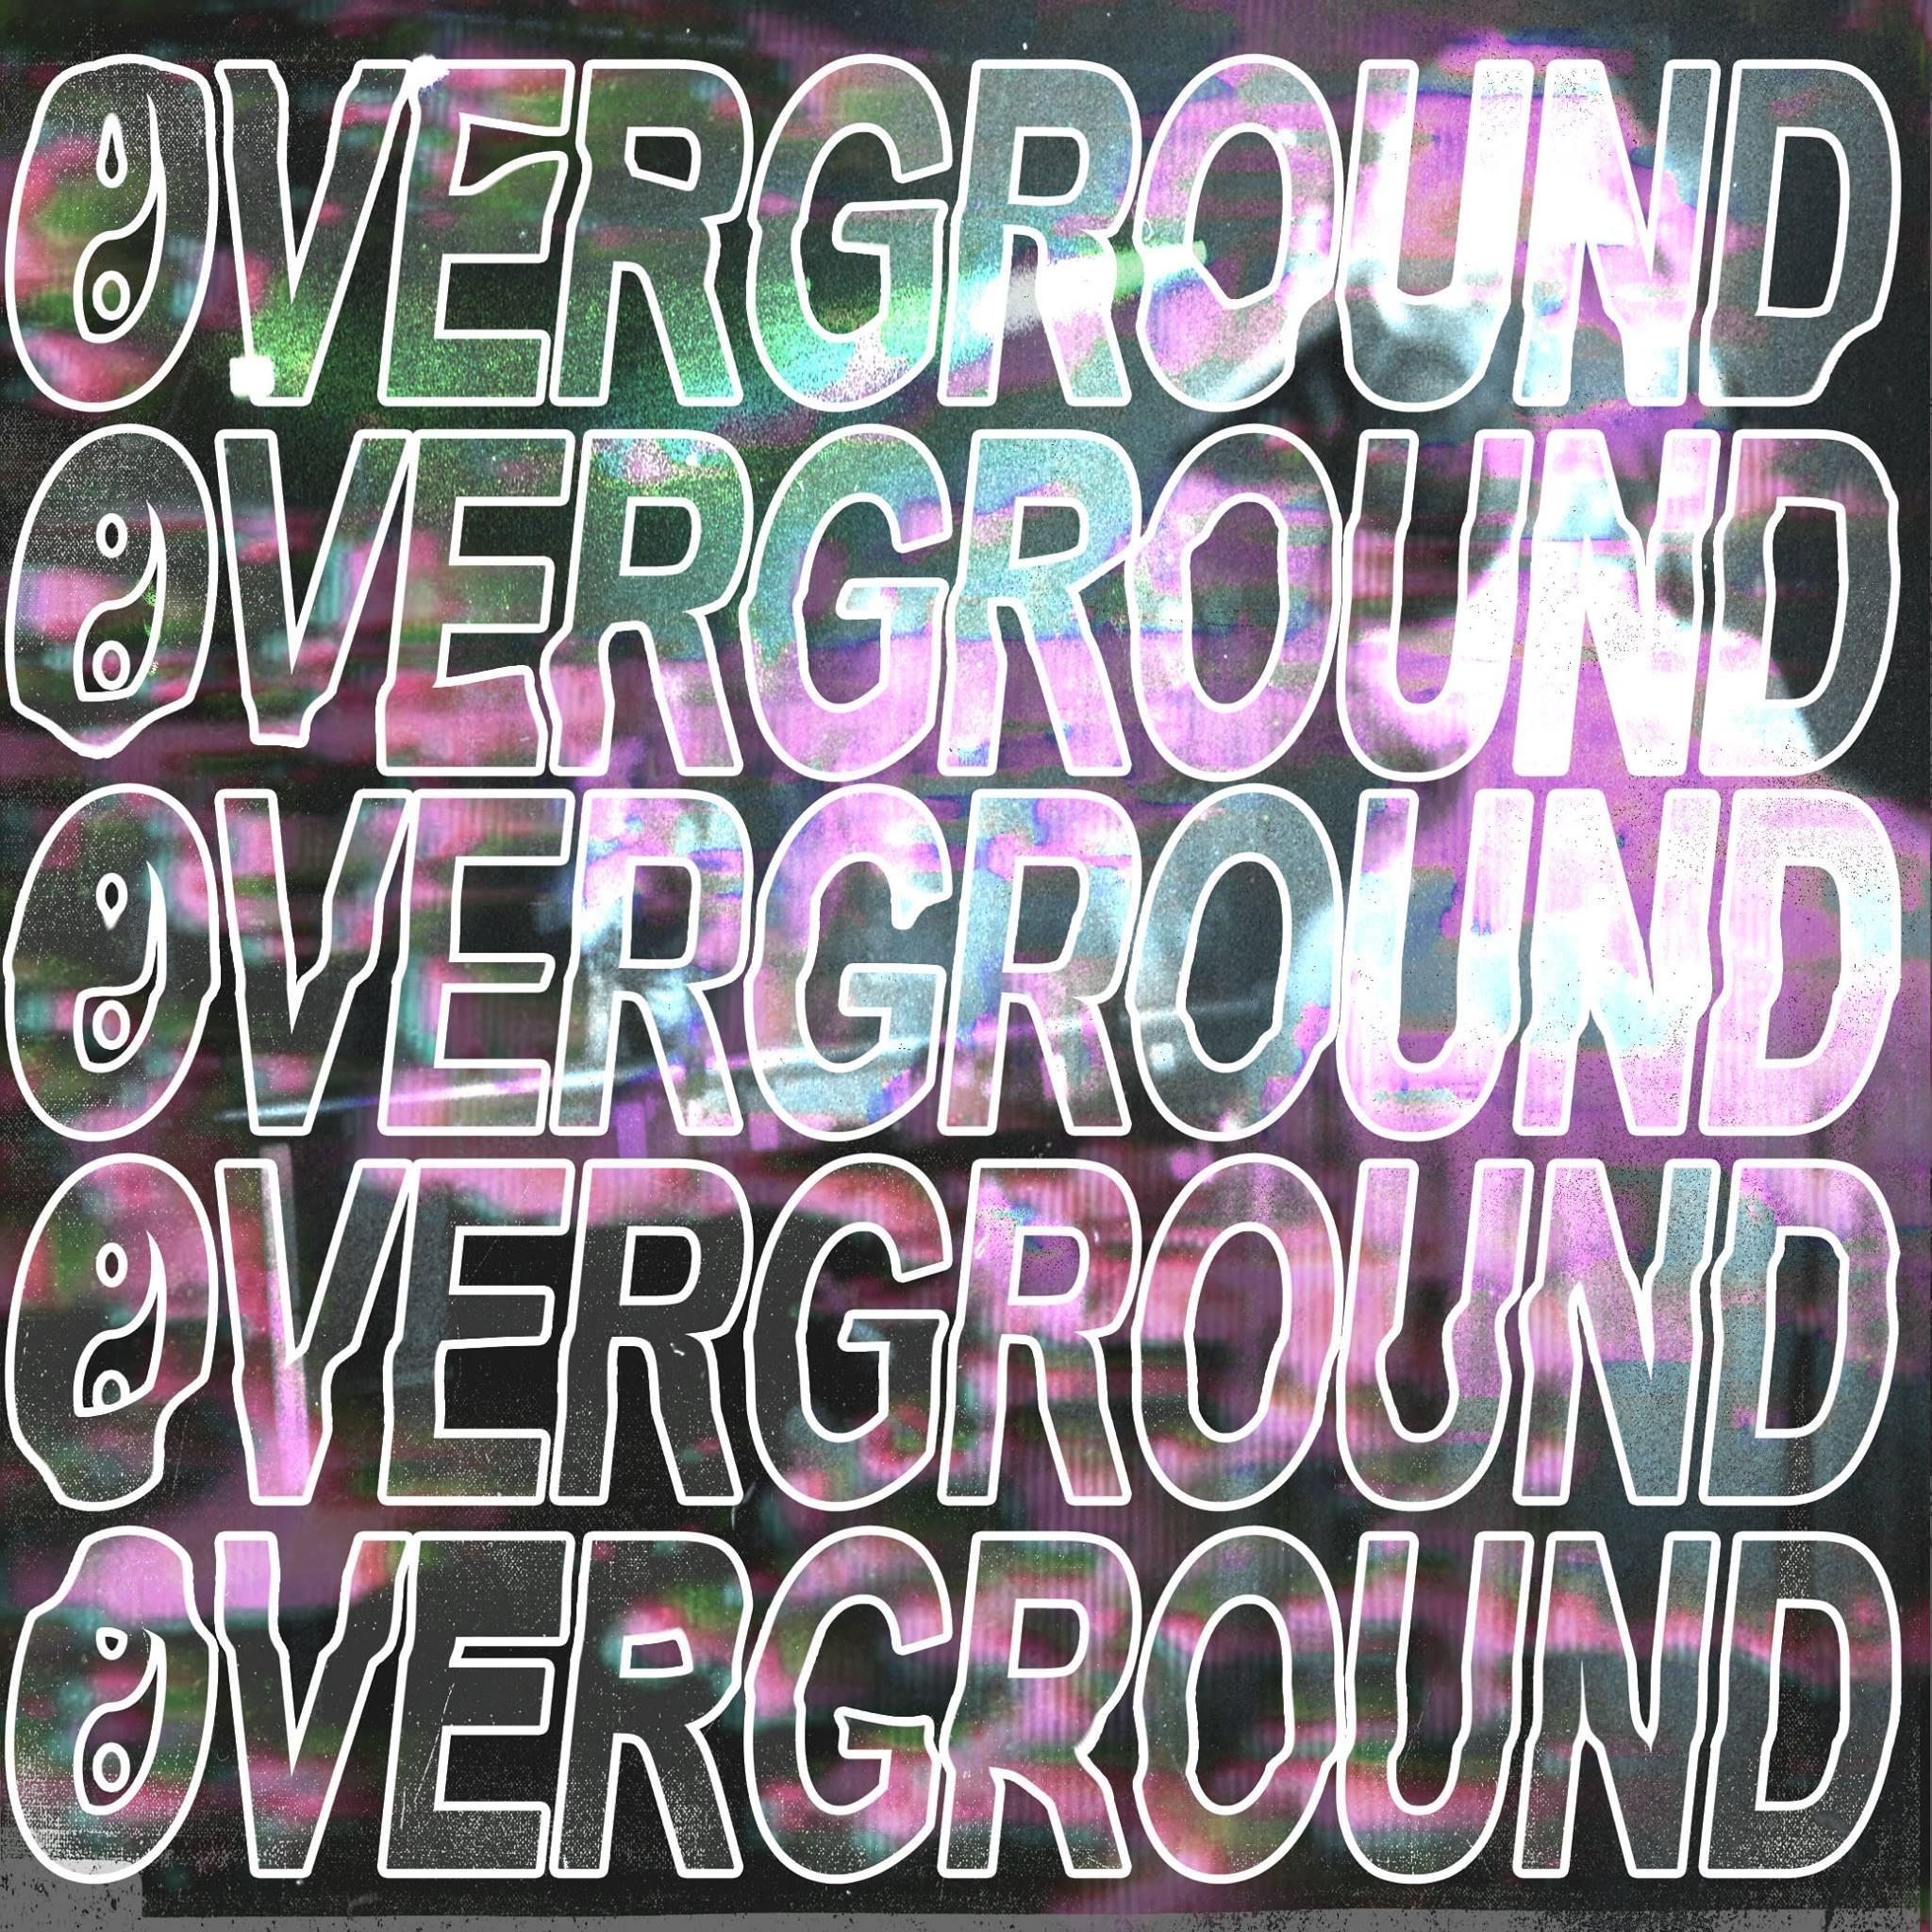 Overground - The Fringe Festival Rave 2K19